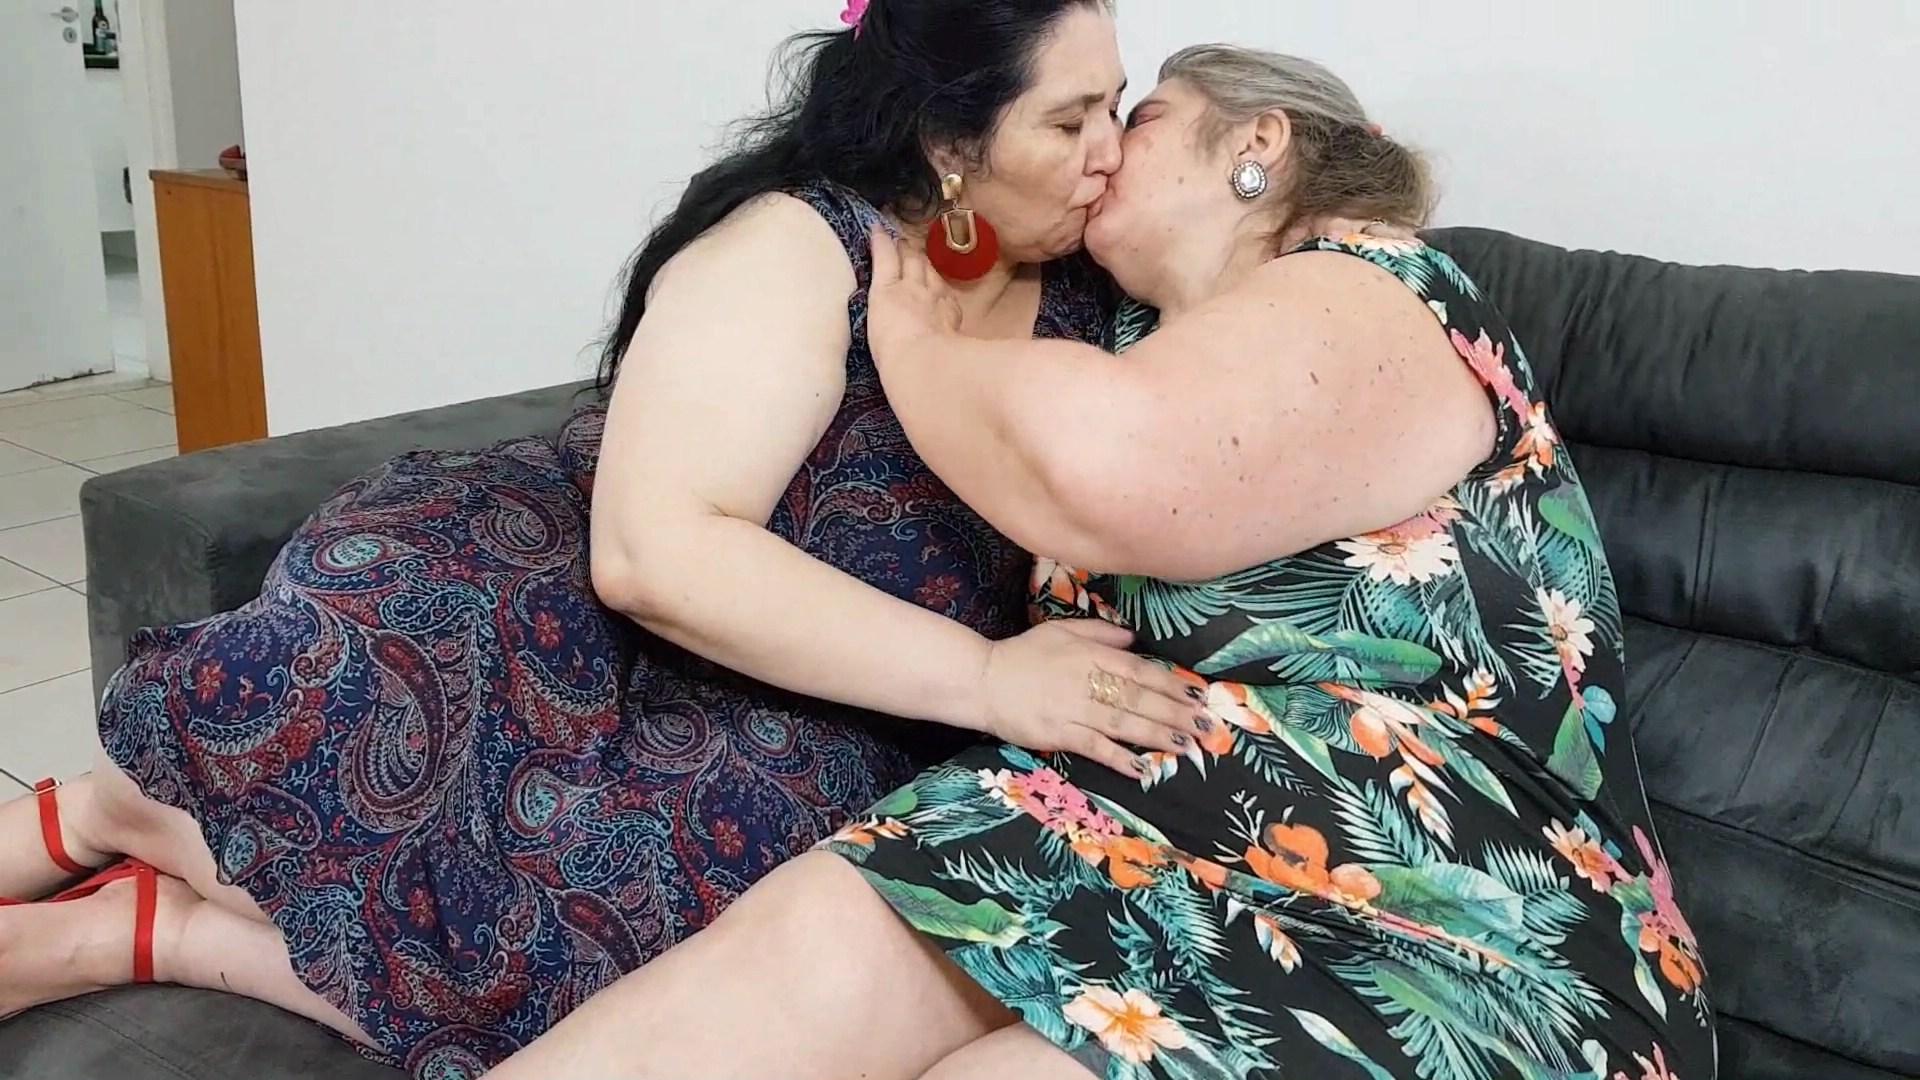 More ssbbw lesbian love